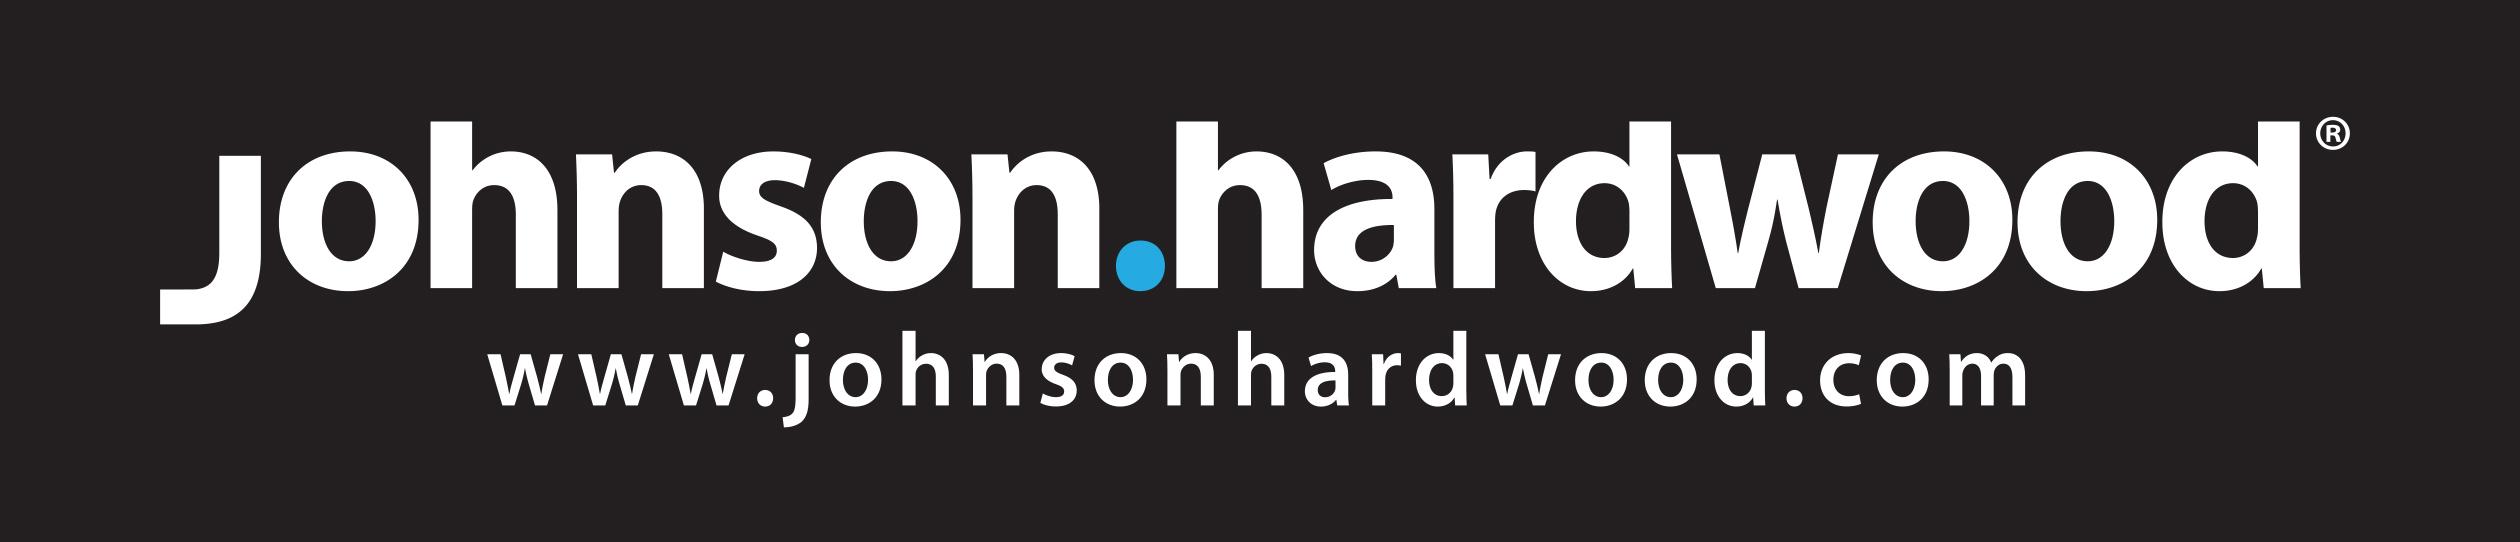 Premium Hardwood Flooring Johnson Exclusive